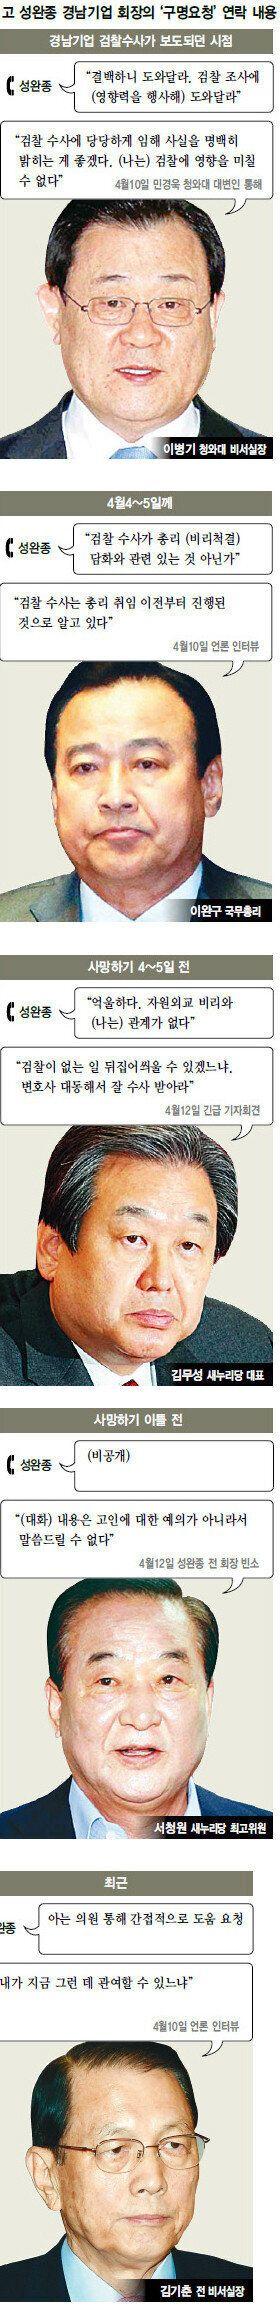 성완종-김무성·서청원·이완구·김기춘